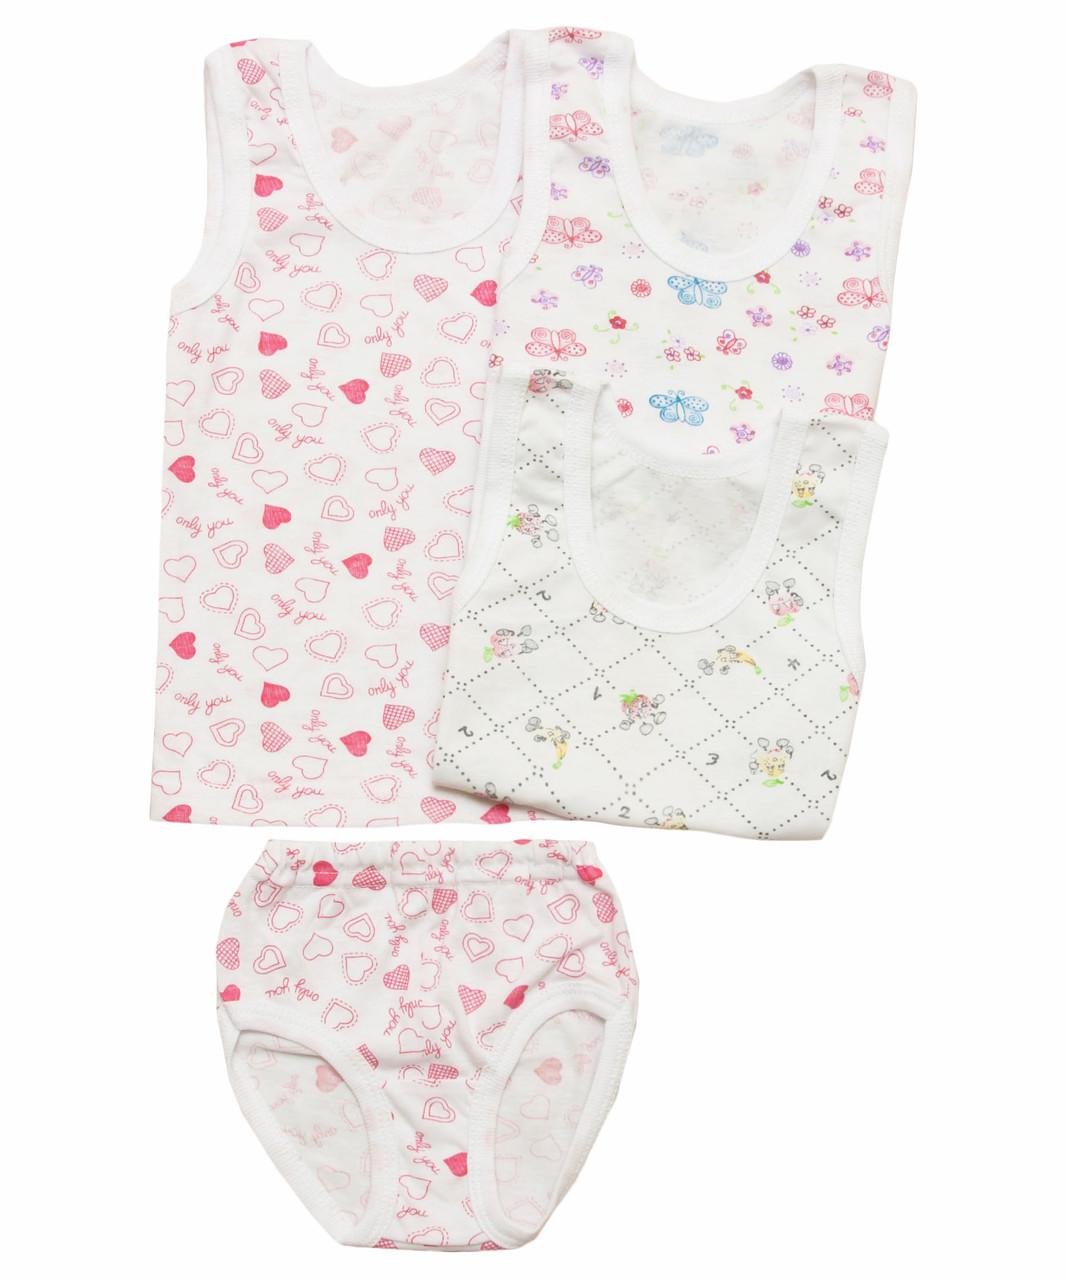 Комплект нижнего белья для девочки Бабочка оптом, фото 1